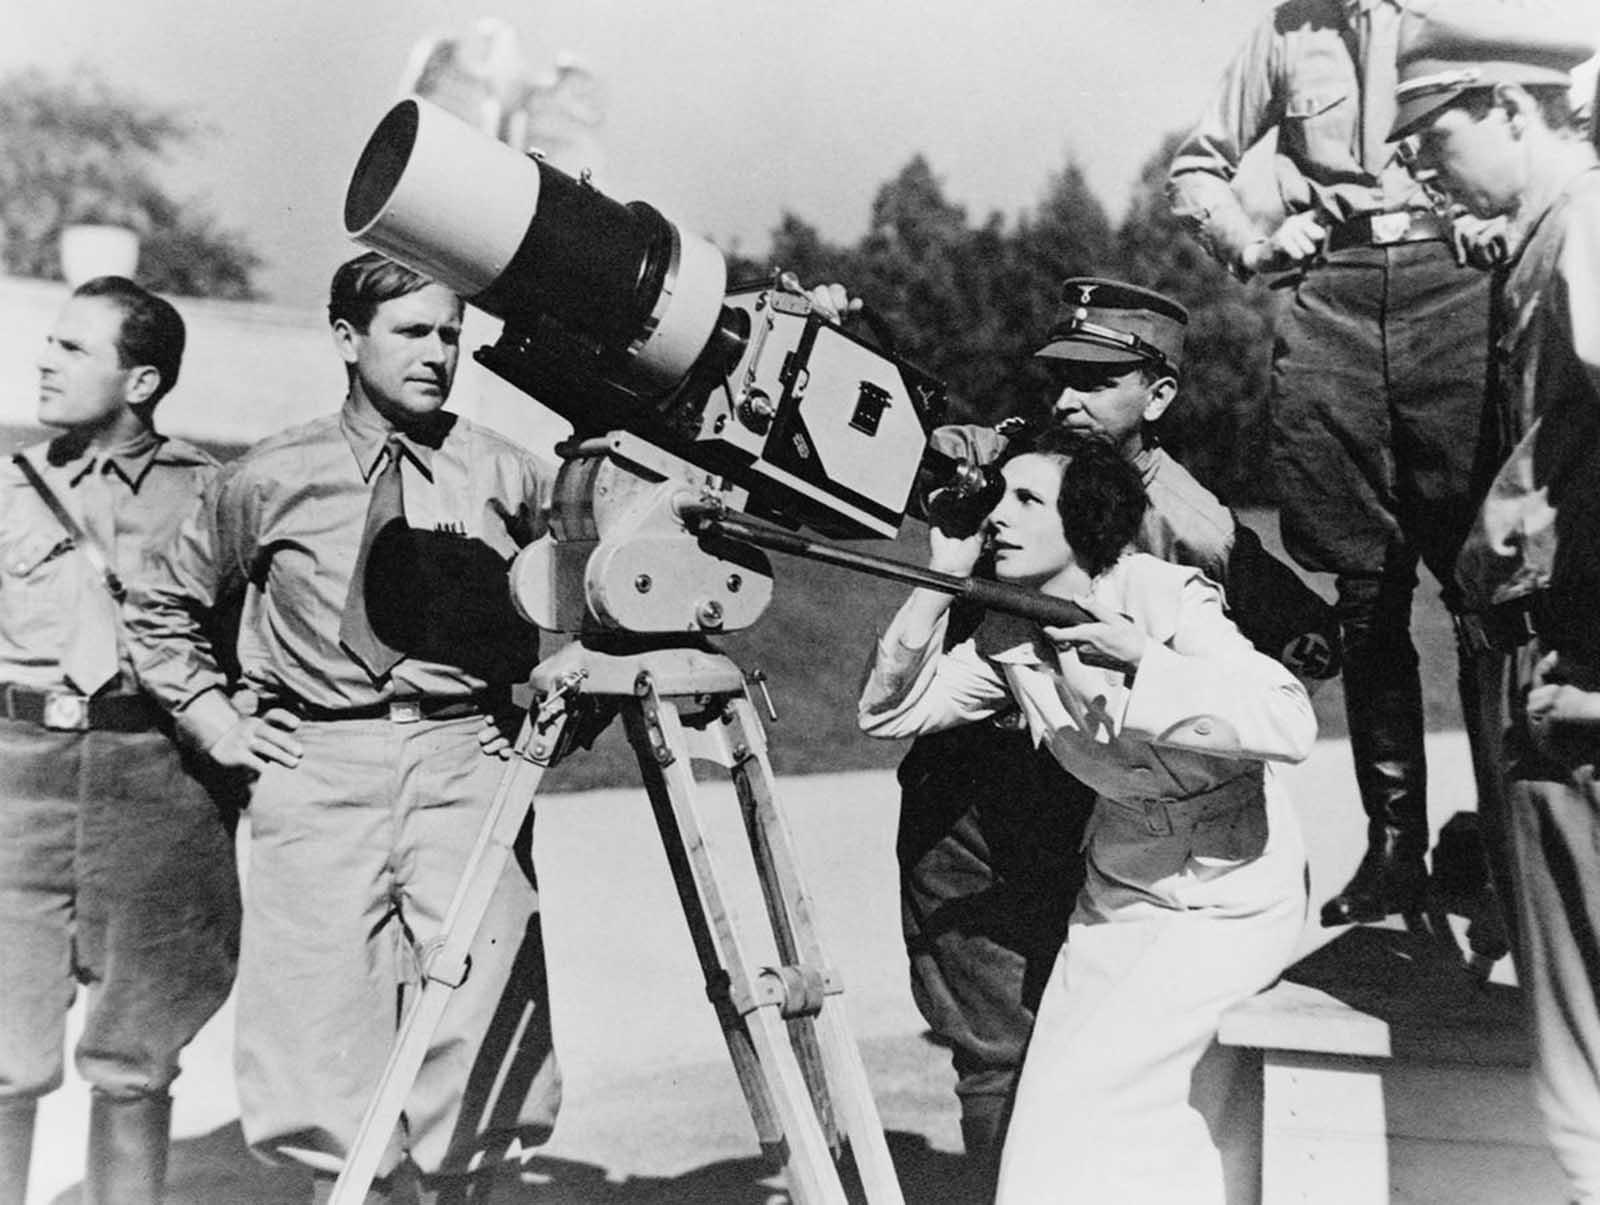 La cineasta Leni Riefenstahl mira a través de la lente de una gran cámara antes de filmar el Rally de Nuremberg de 1934 en Alemania. El metraje se compondría en la película de 1935.